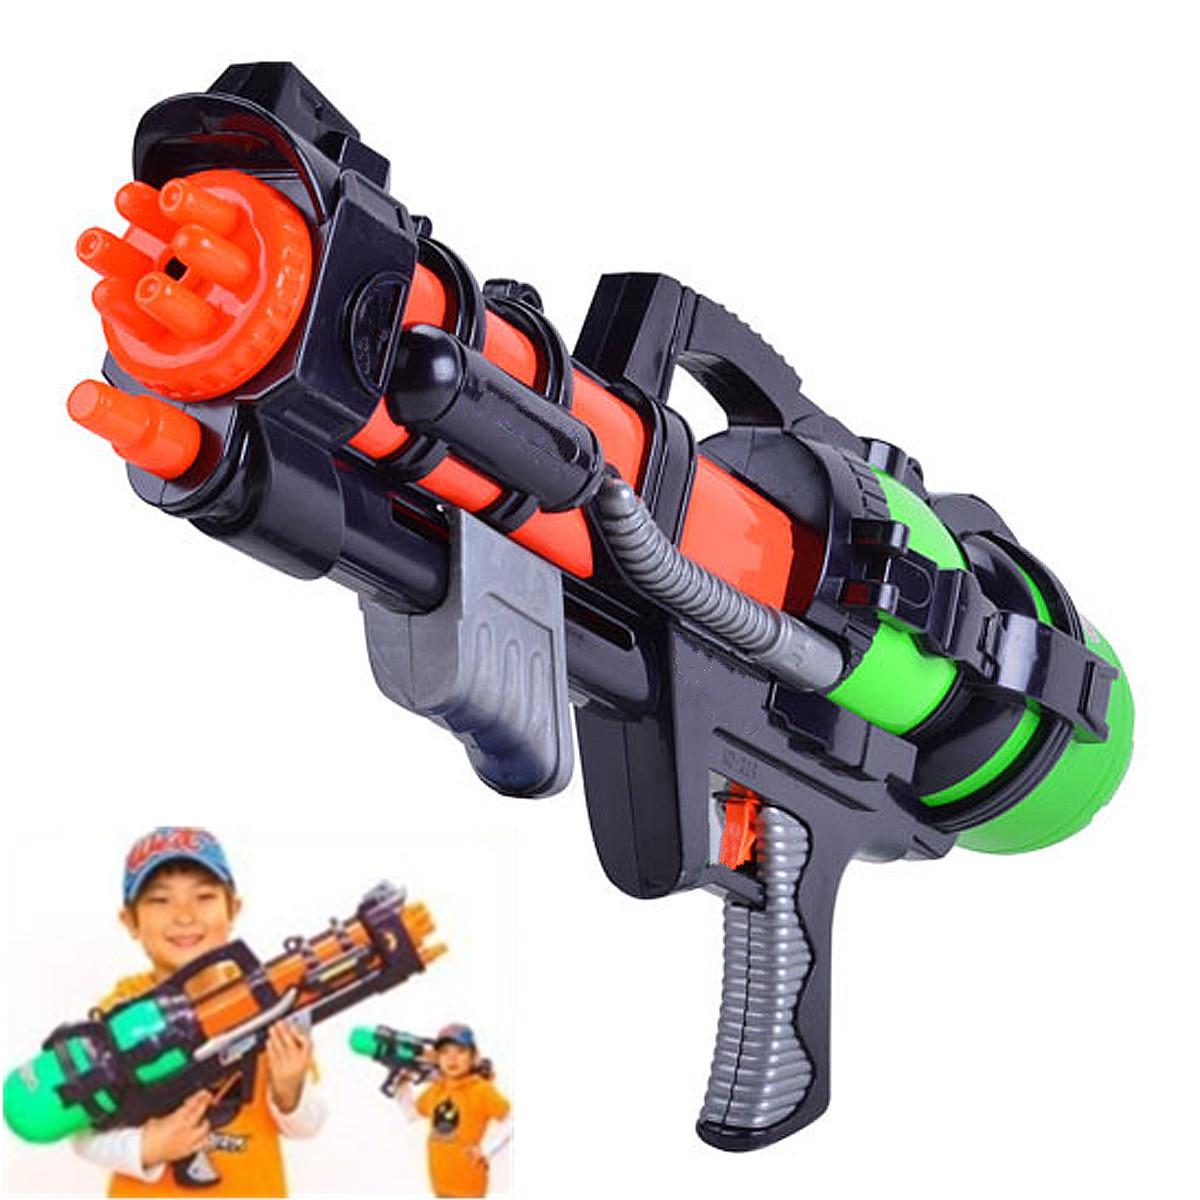 wasserpistole 17'' wassergewehr super soaker spielzeug wasser